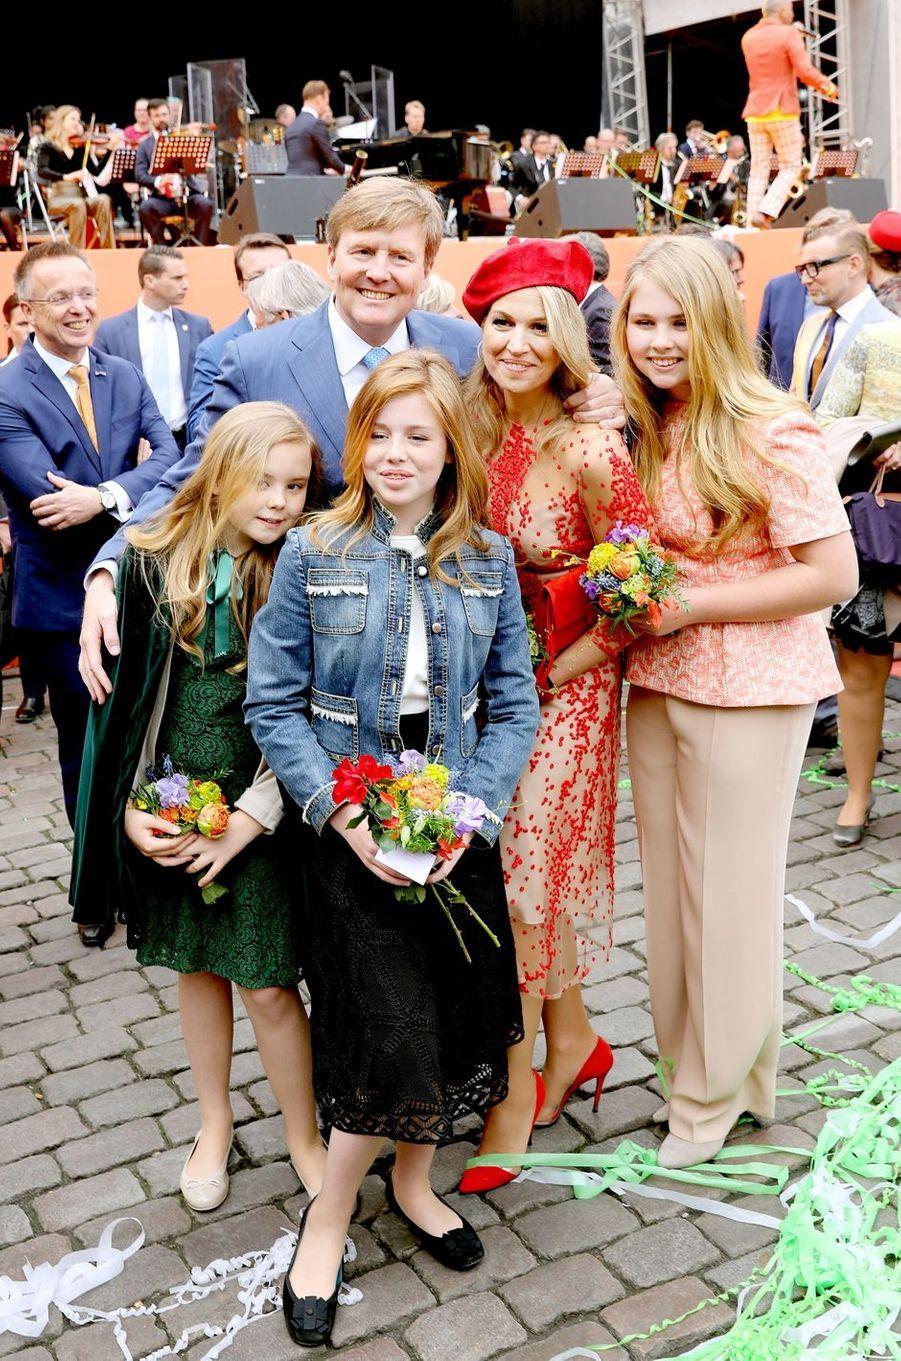 La reine Maxima, le roi Willem-Alexander des Pays-Bas et leurs filles, à Groningen le 27 avril 2018